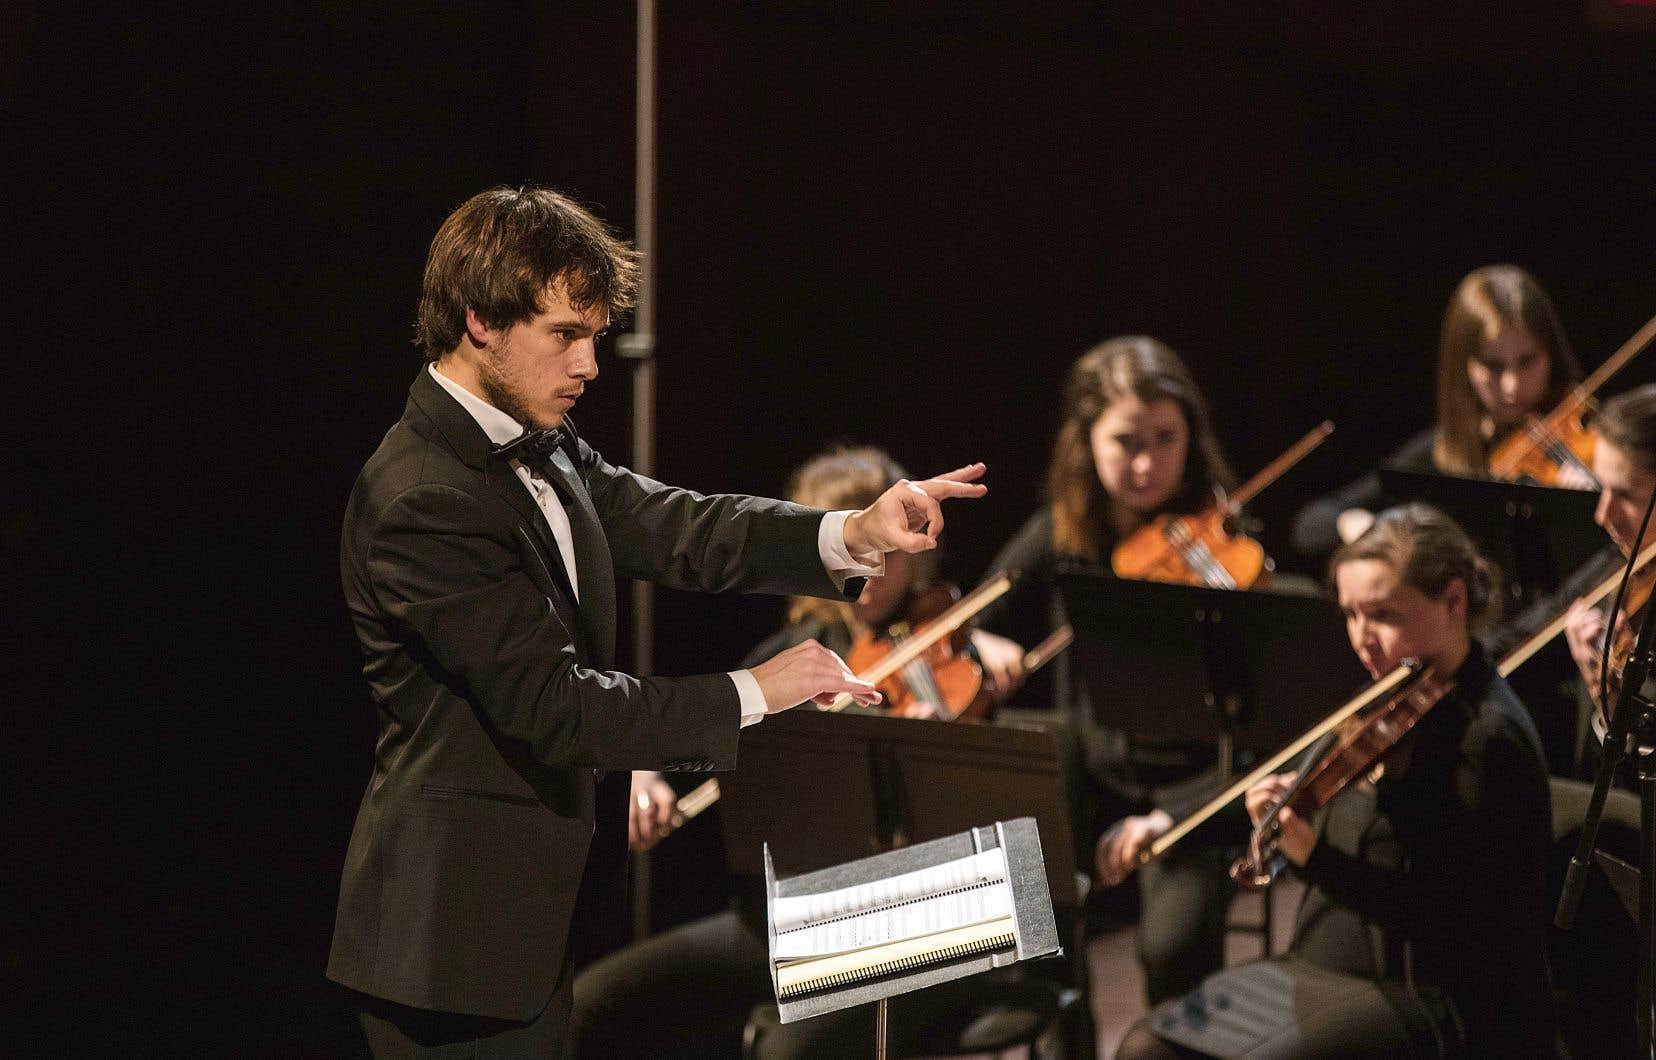 Le jeune chef Nicolas Ellis, le seul à avoir dirigé après le déconfinement à la fois à la Maison symphonique de Montréal, au Grand Théâtre de Québec et au Palais Montcalm.